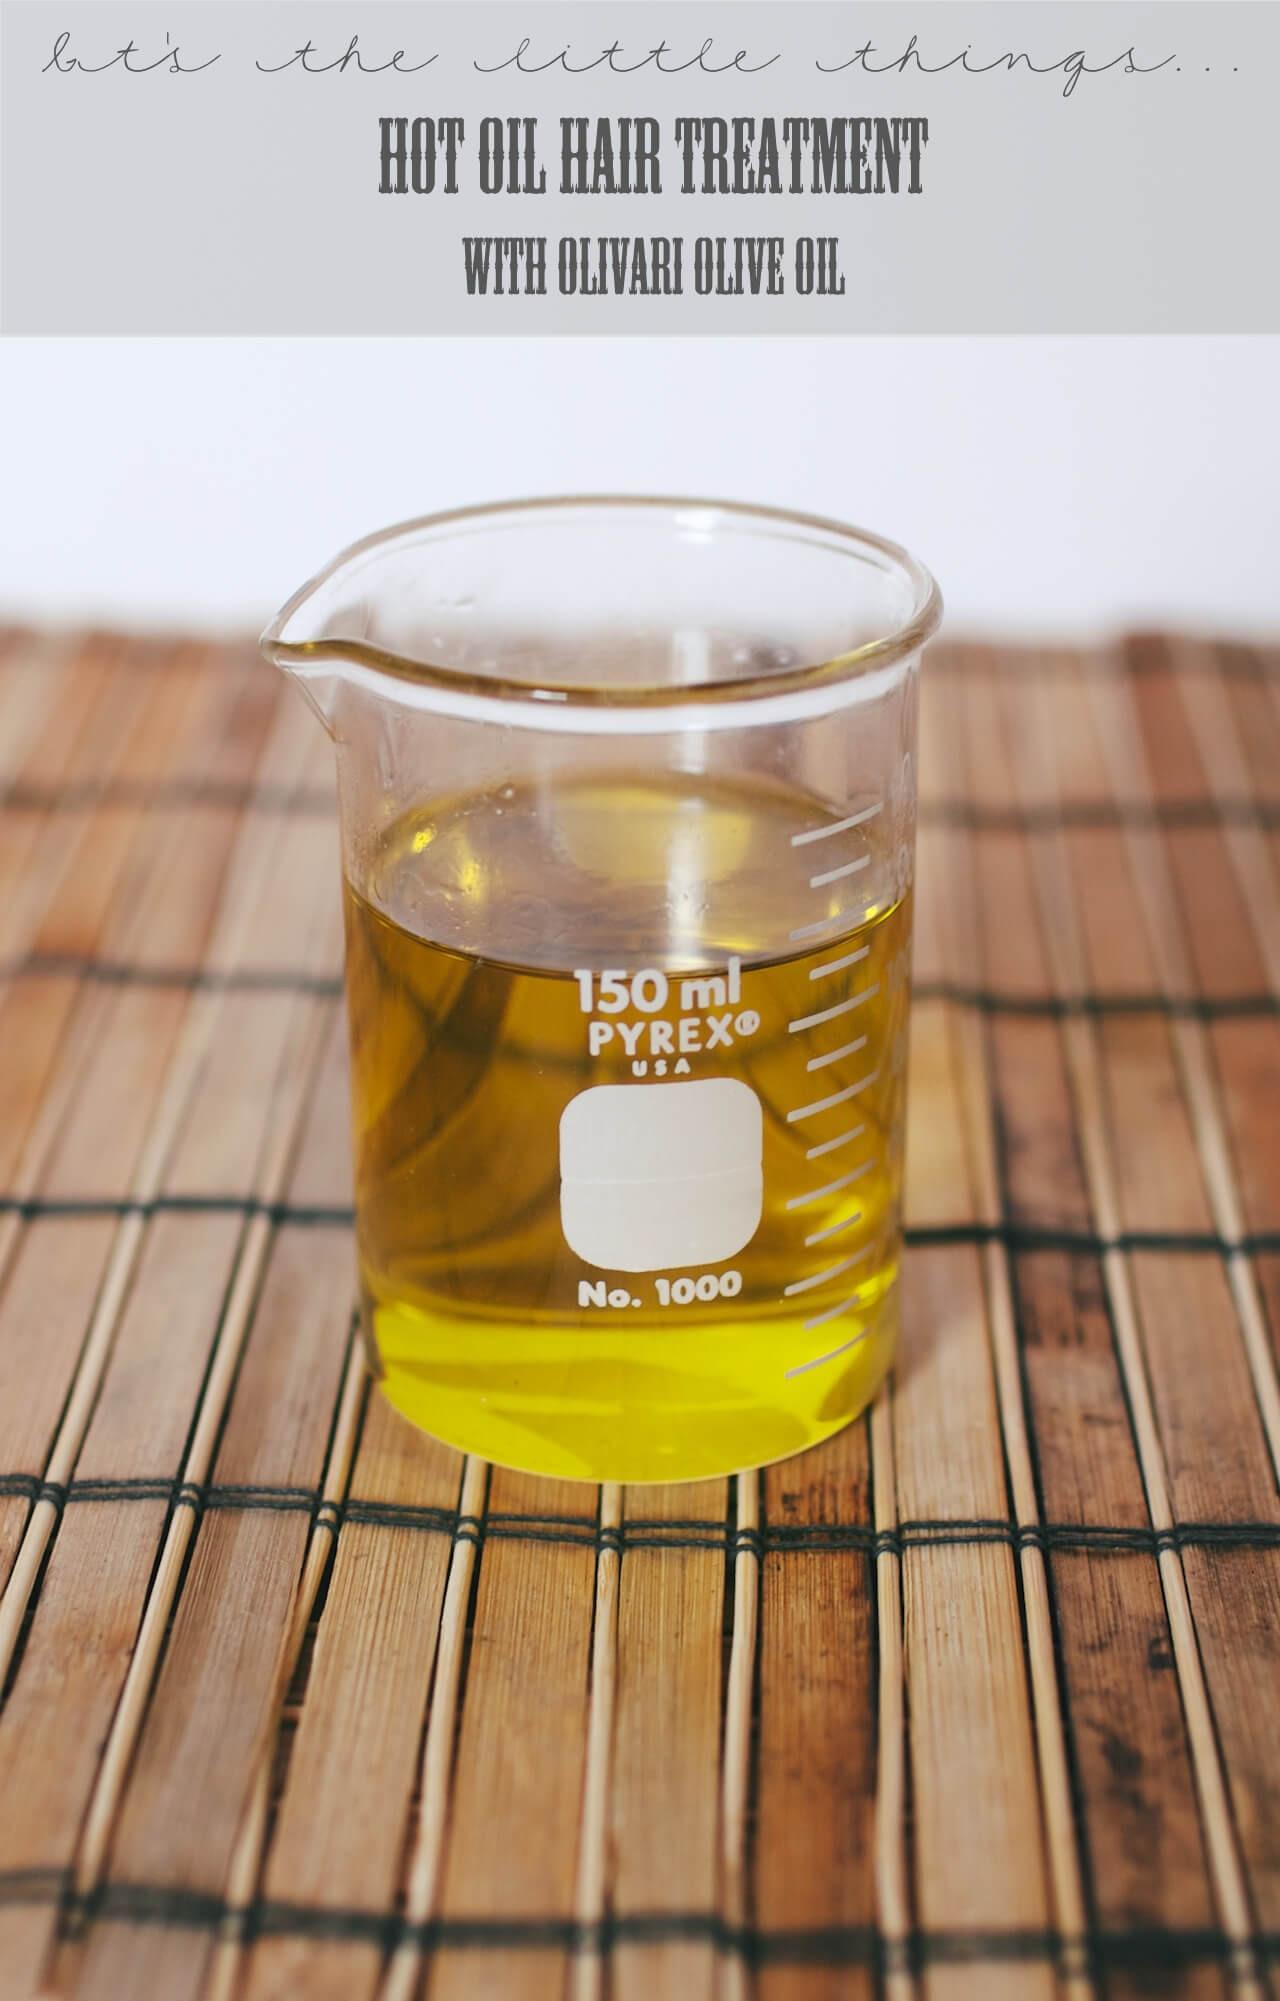 Hot Oil Hair Treatment DIY  DIY Hot Oil Hair Treatment with Olivari Olive Oil